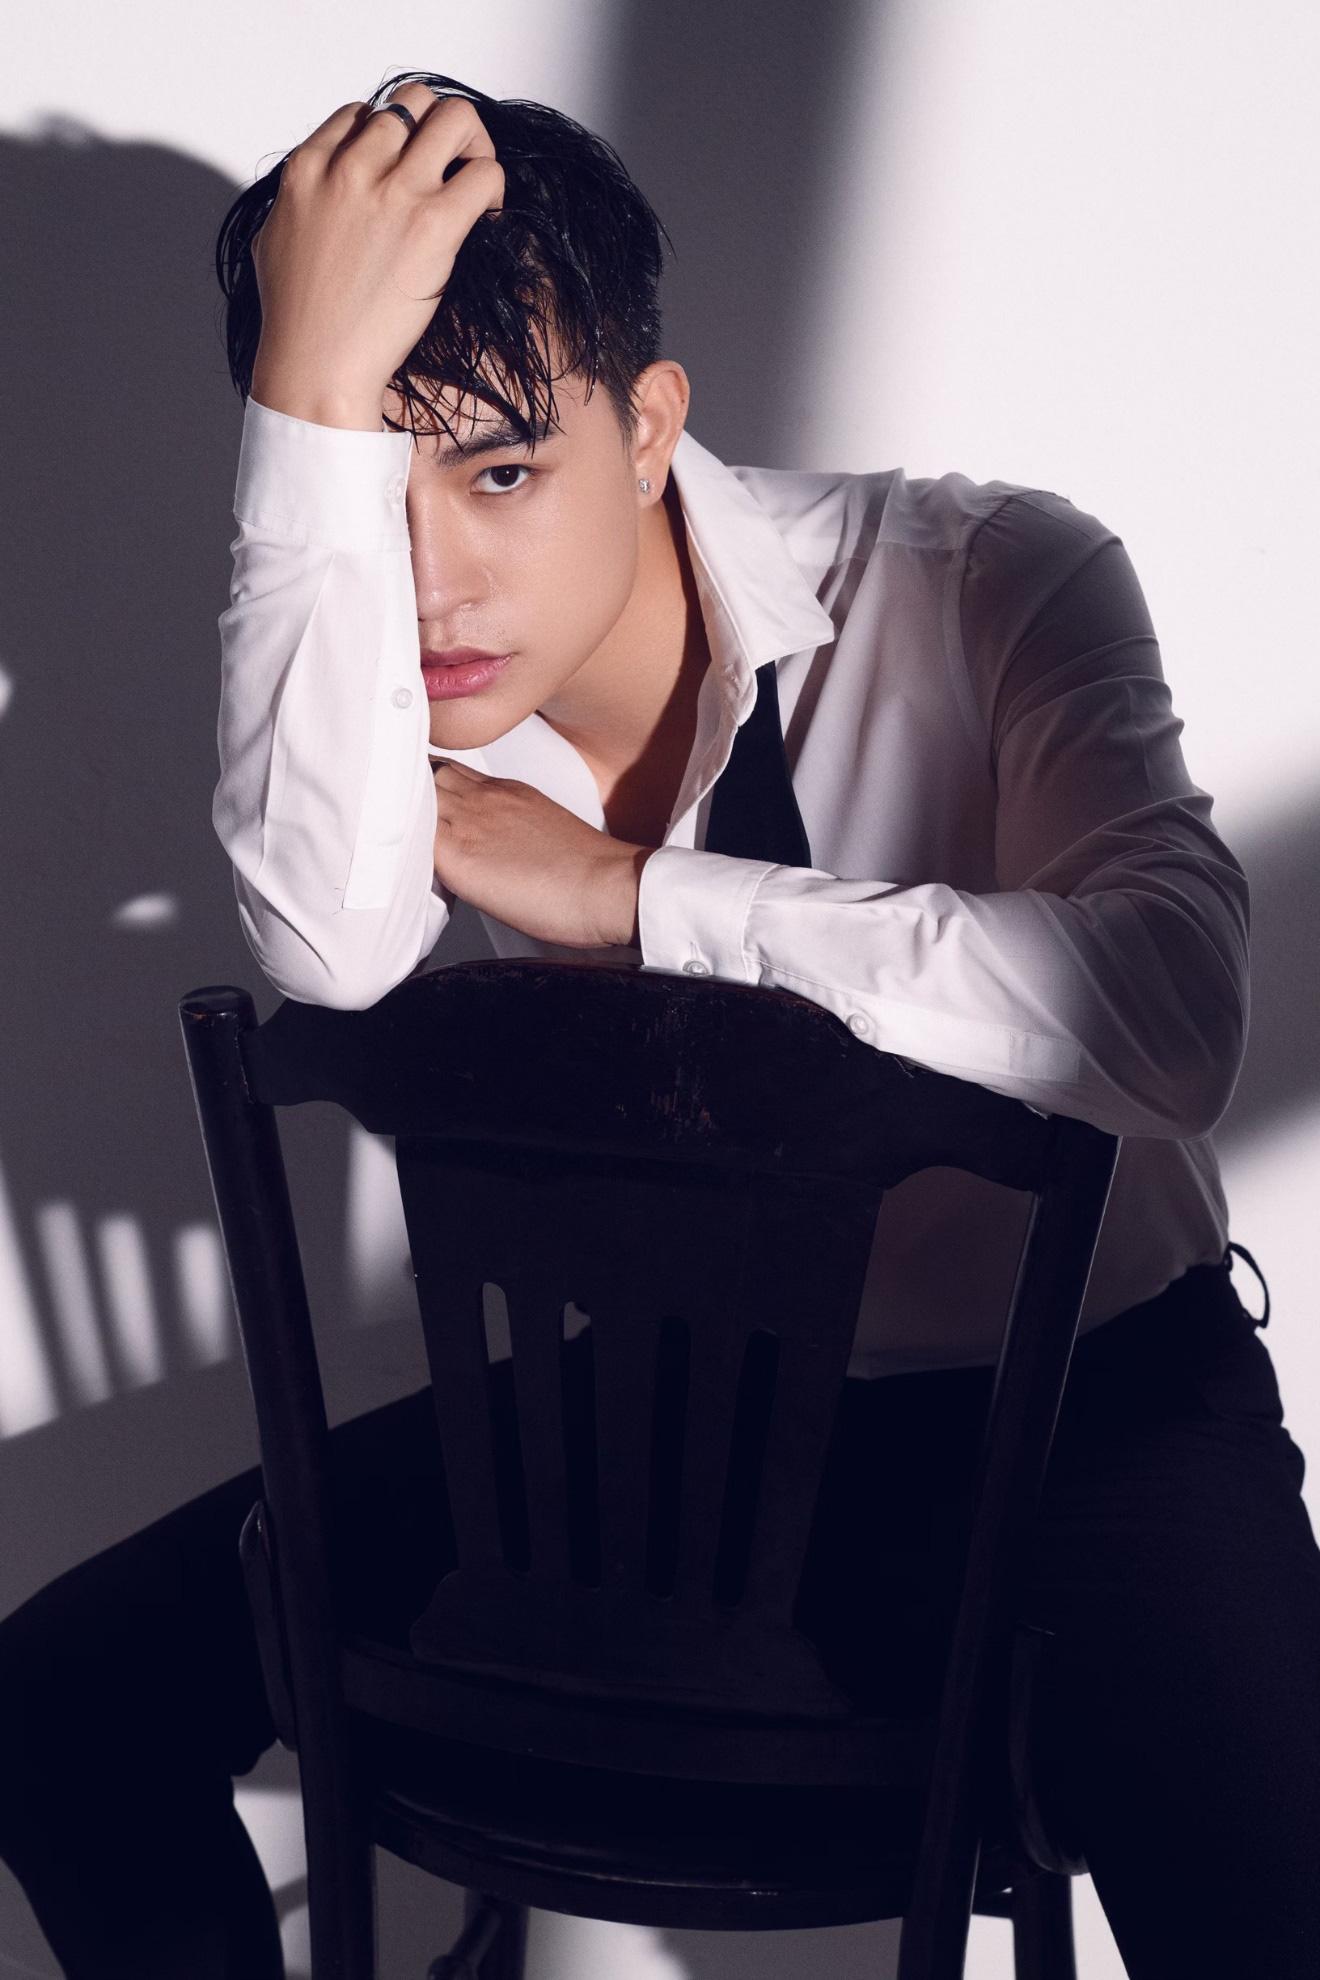 """Không tin nổi giọng hát tone nữ ngọt lịm cao vút đầy truyền cảm trong MV """"Con yêu thơ dại"""" hóa ra lại là của nam ca sĩ Trần Tùng Anh - Ảnh 3."""